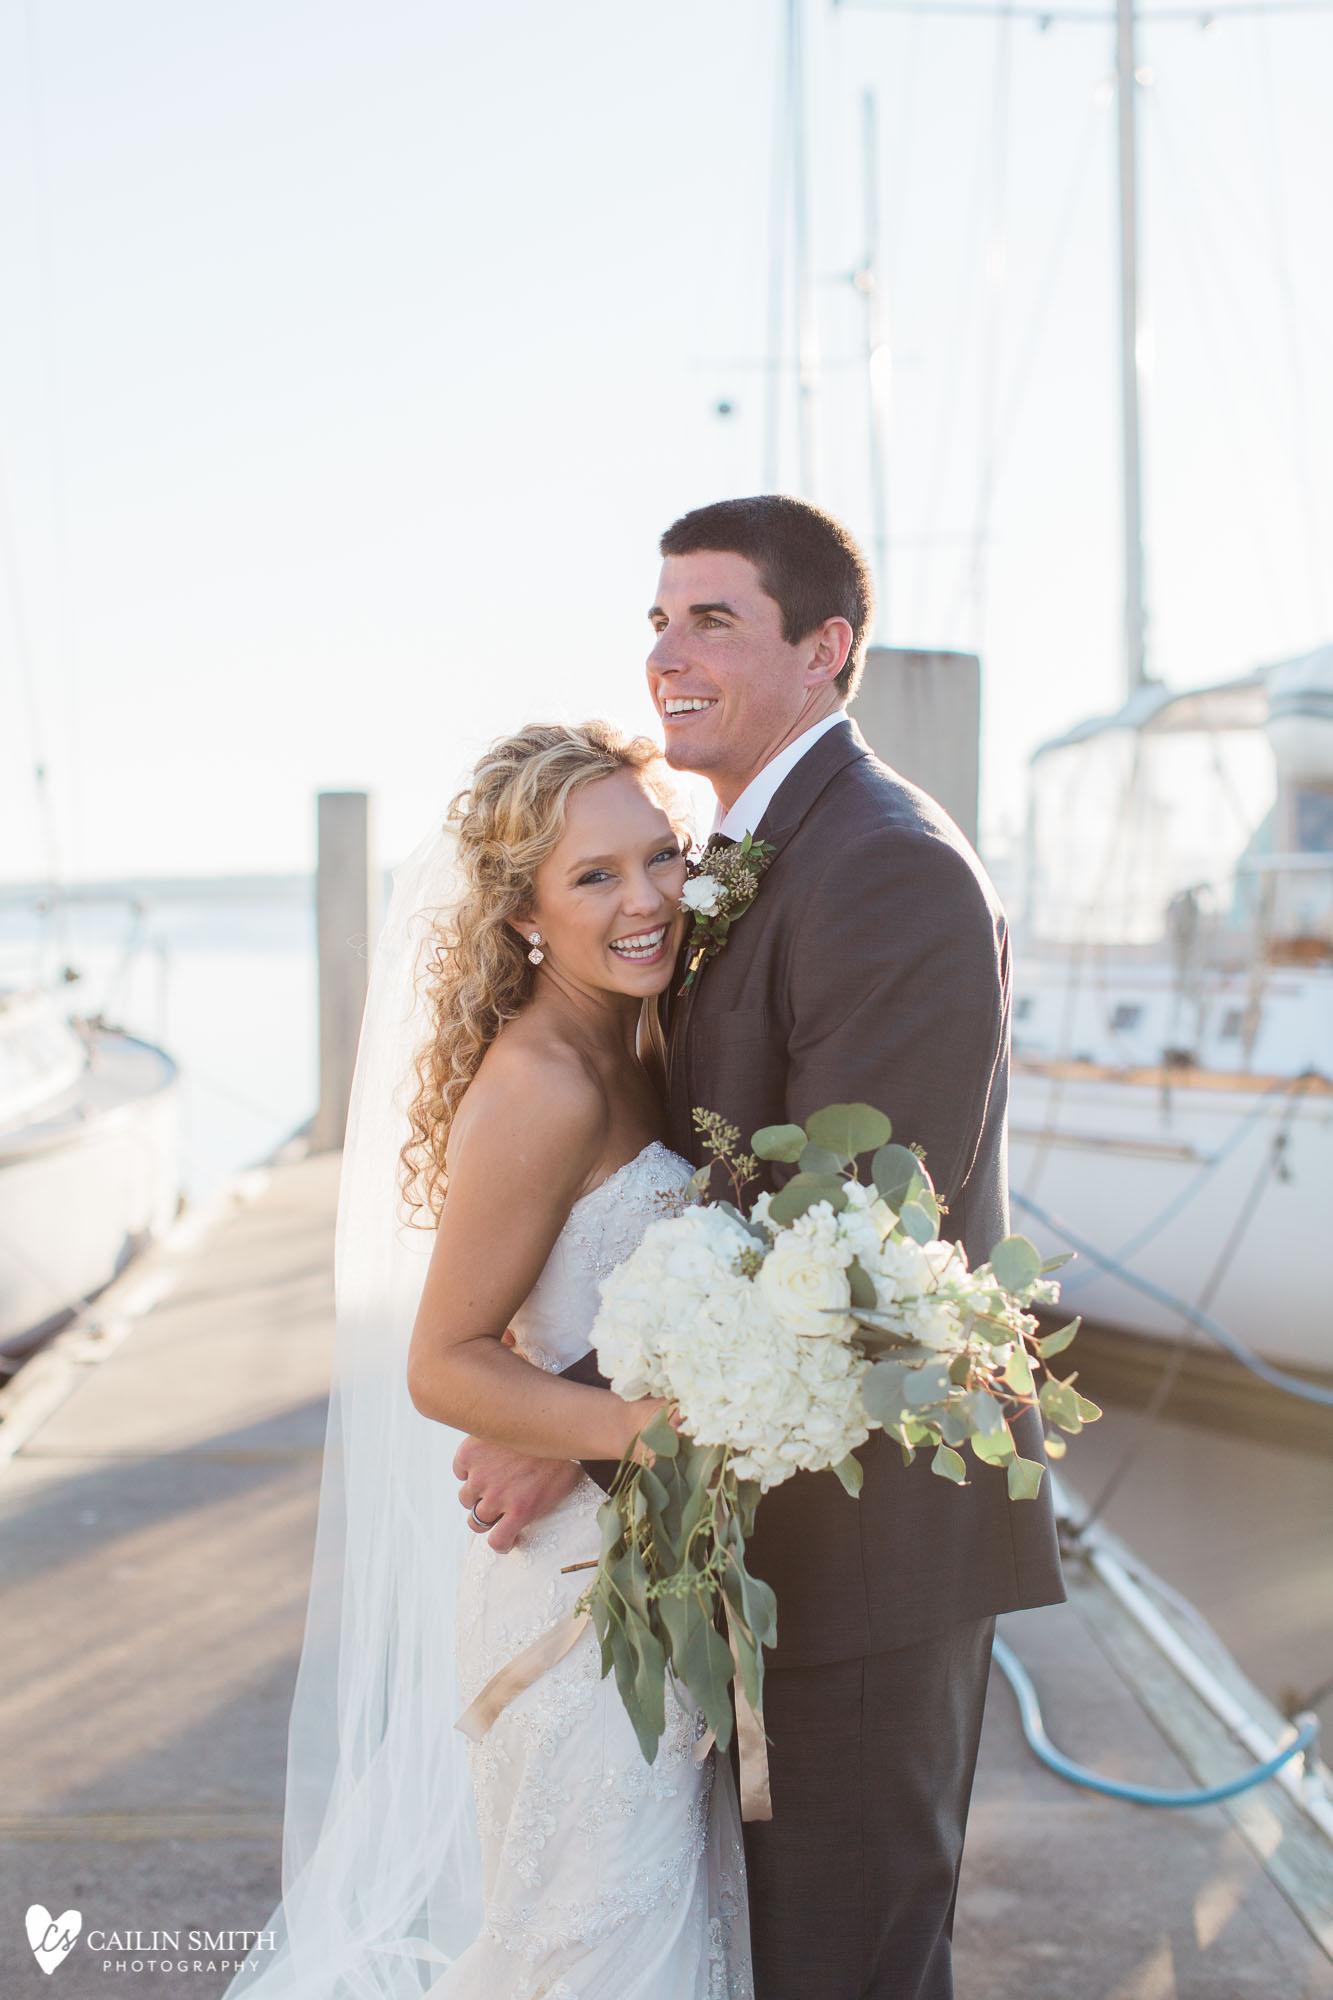 Leah_Major_St_Marys_Wedding_Photography_087.jpg